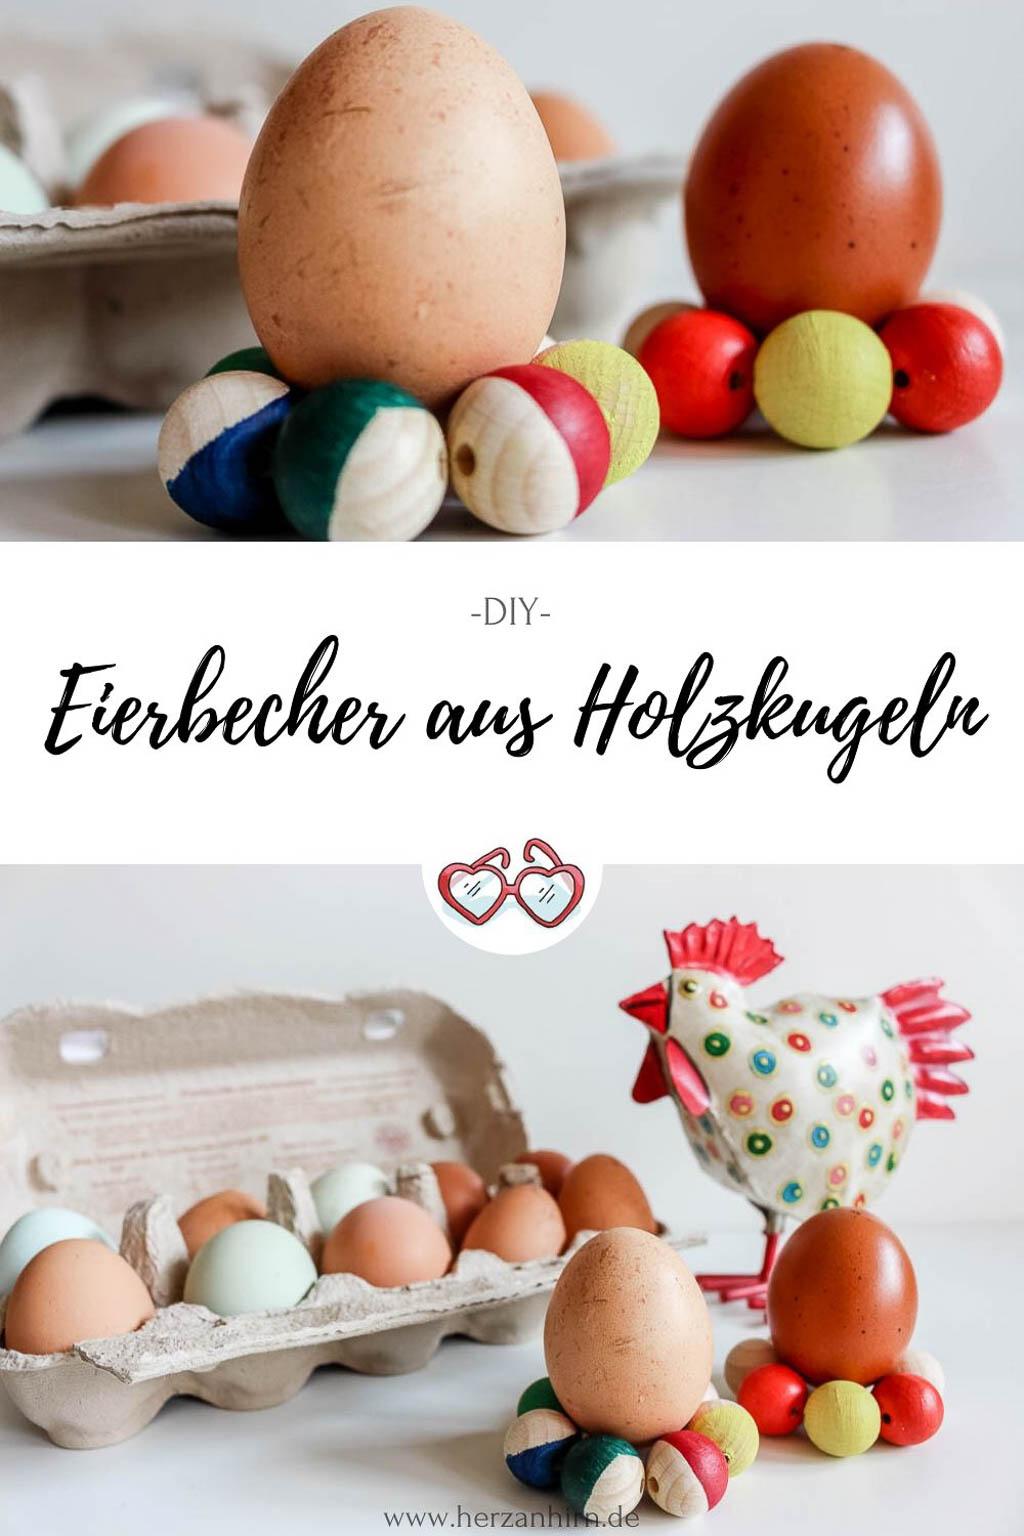 Eierbecher aus Holzkugeln Pinterest Grafik